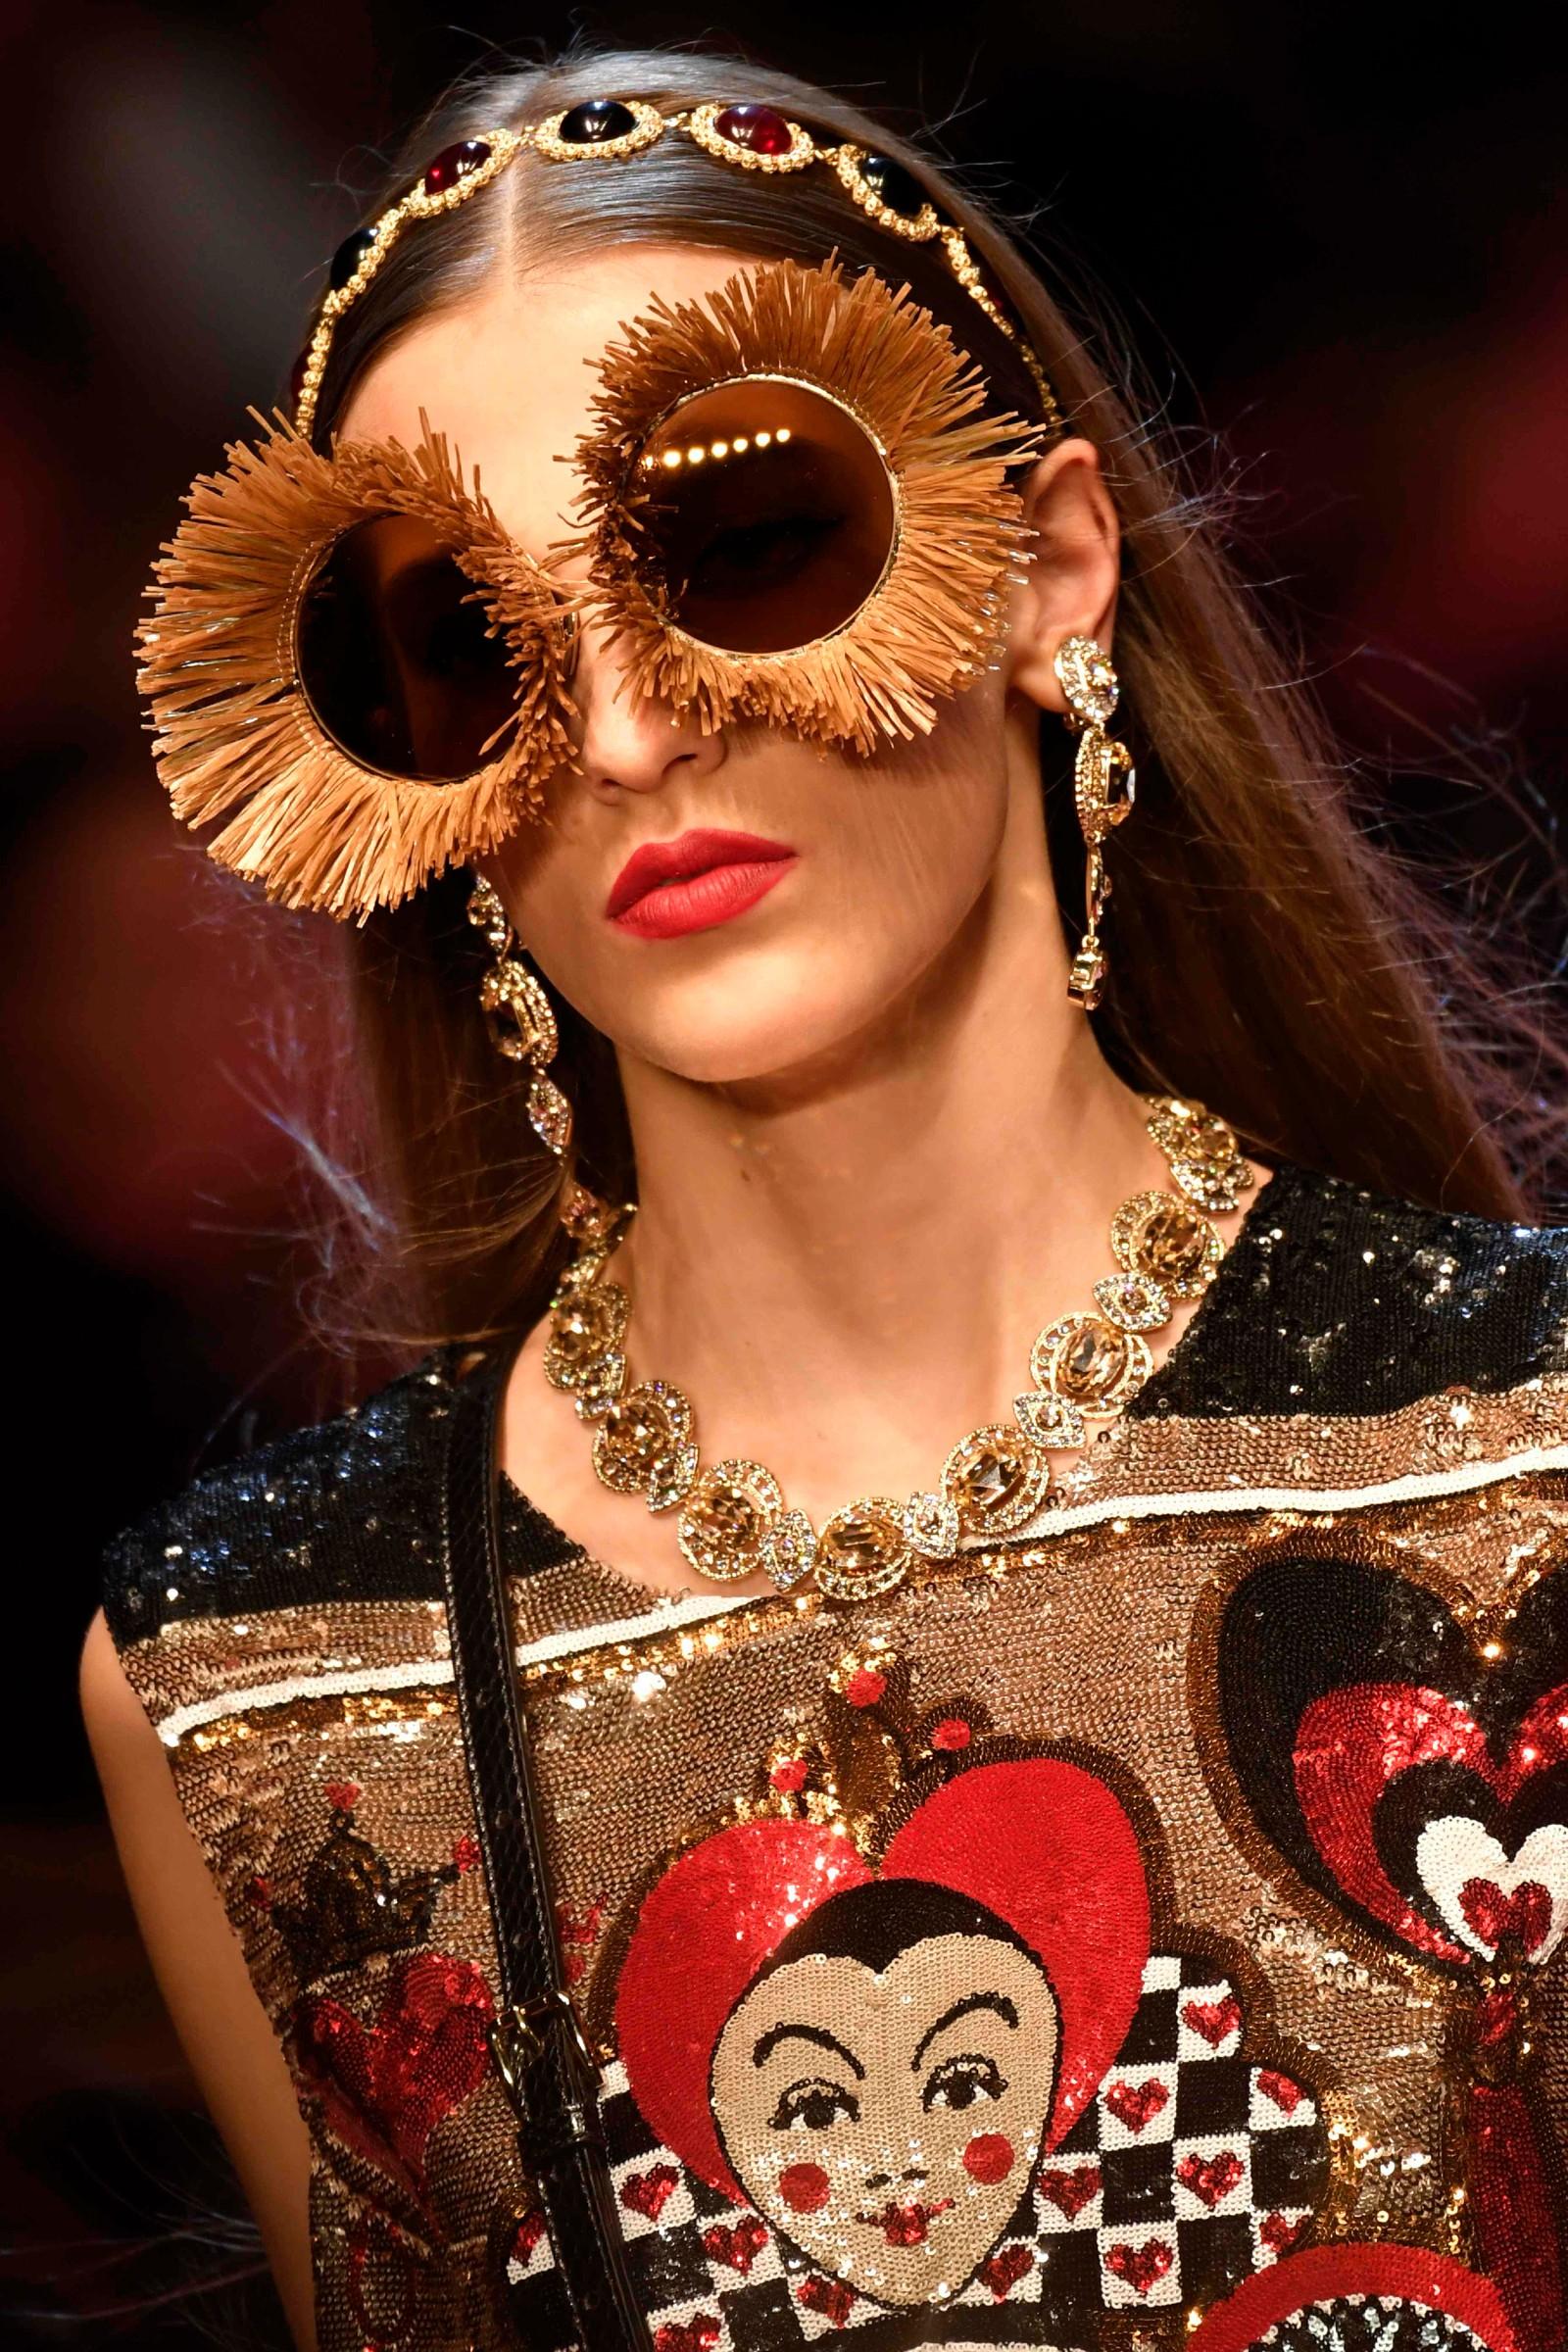 Dolce & Gabbana: Ville detaljar.